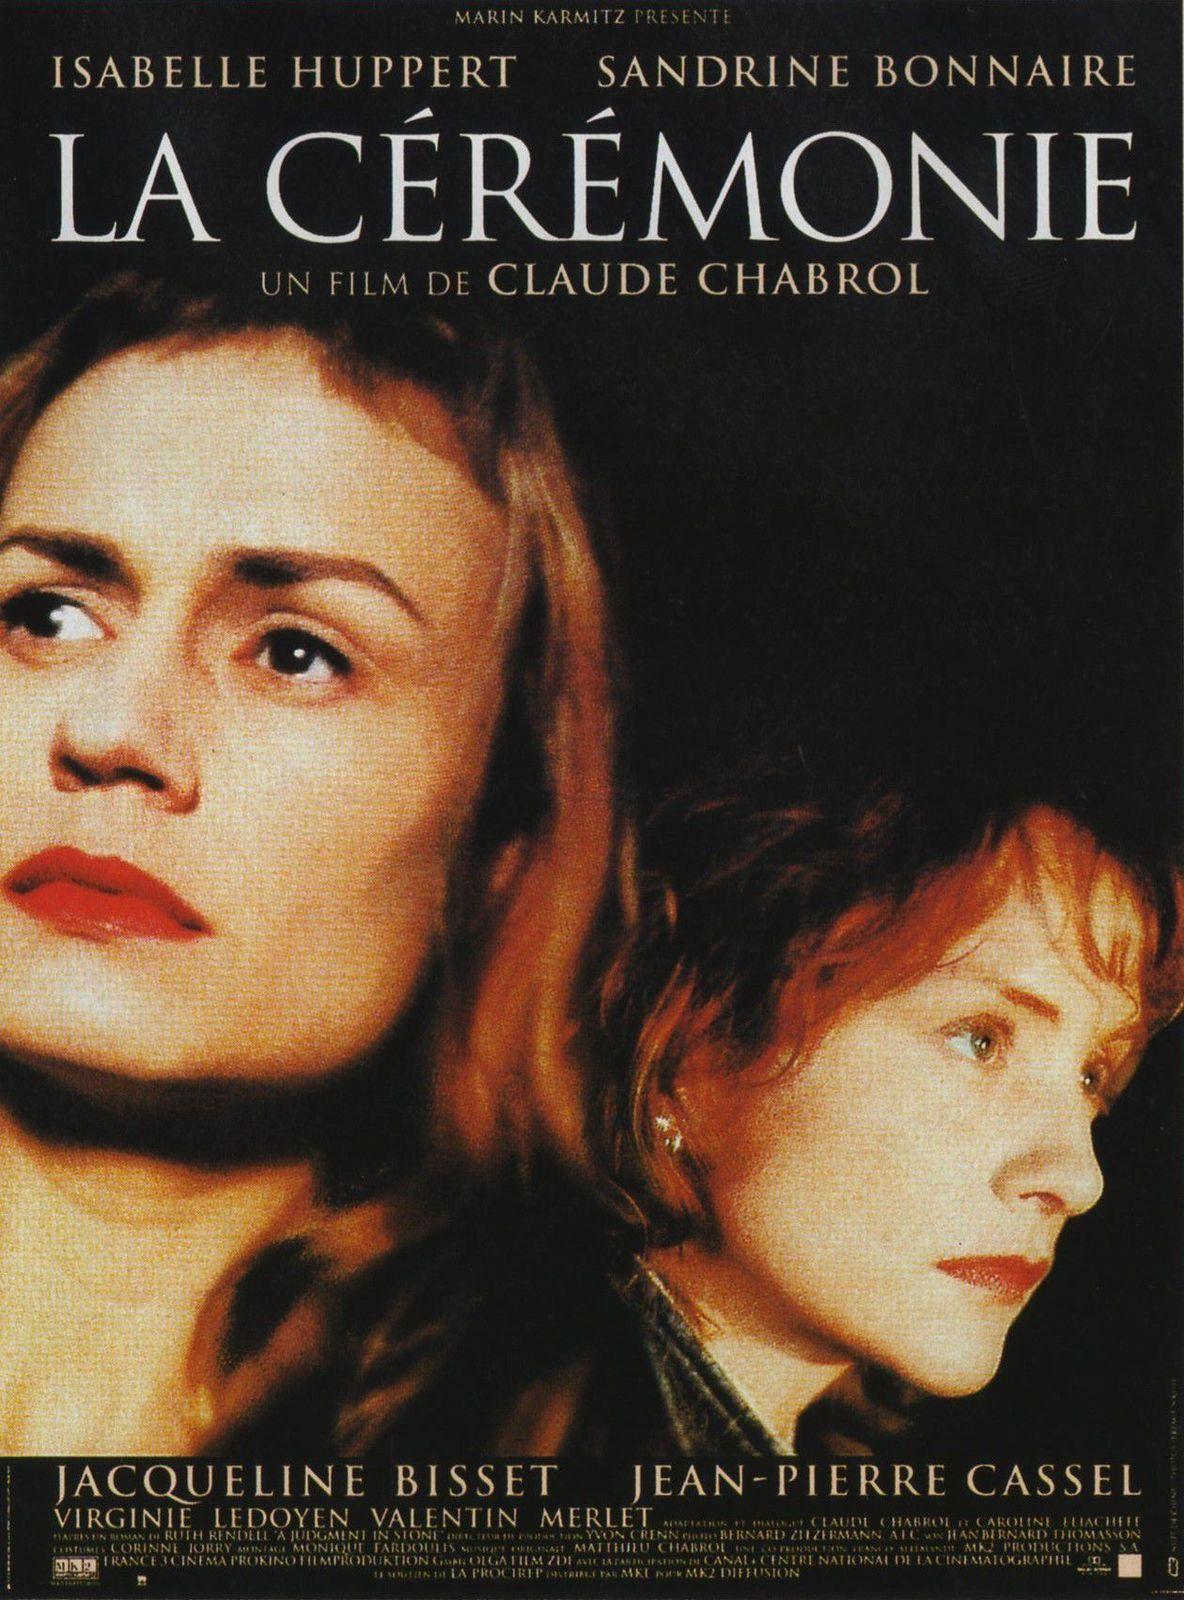 Une belle collection Claude Chabrol dès la mi-février sur Netflix.